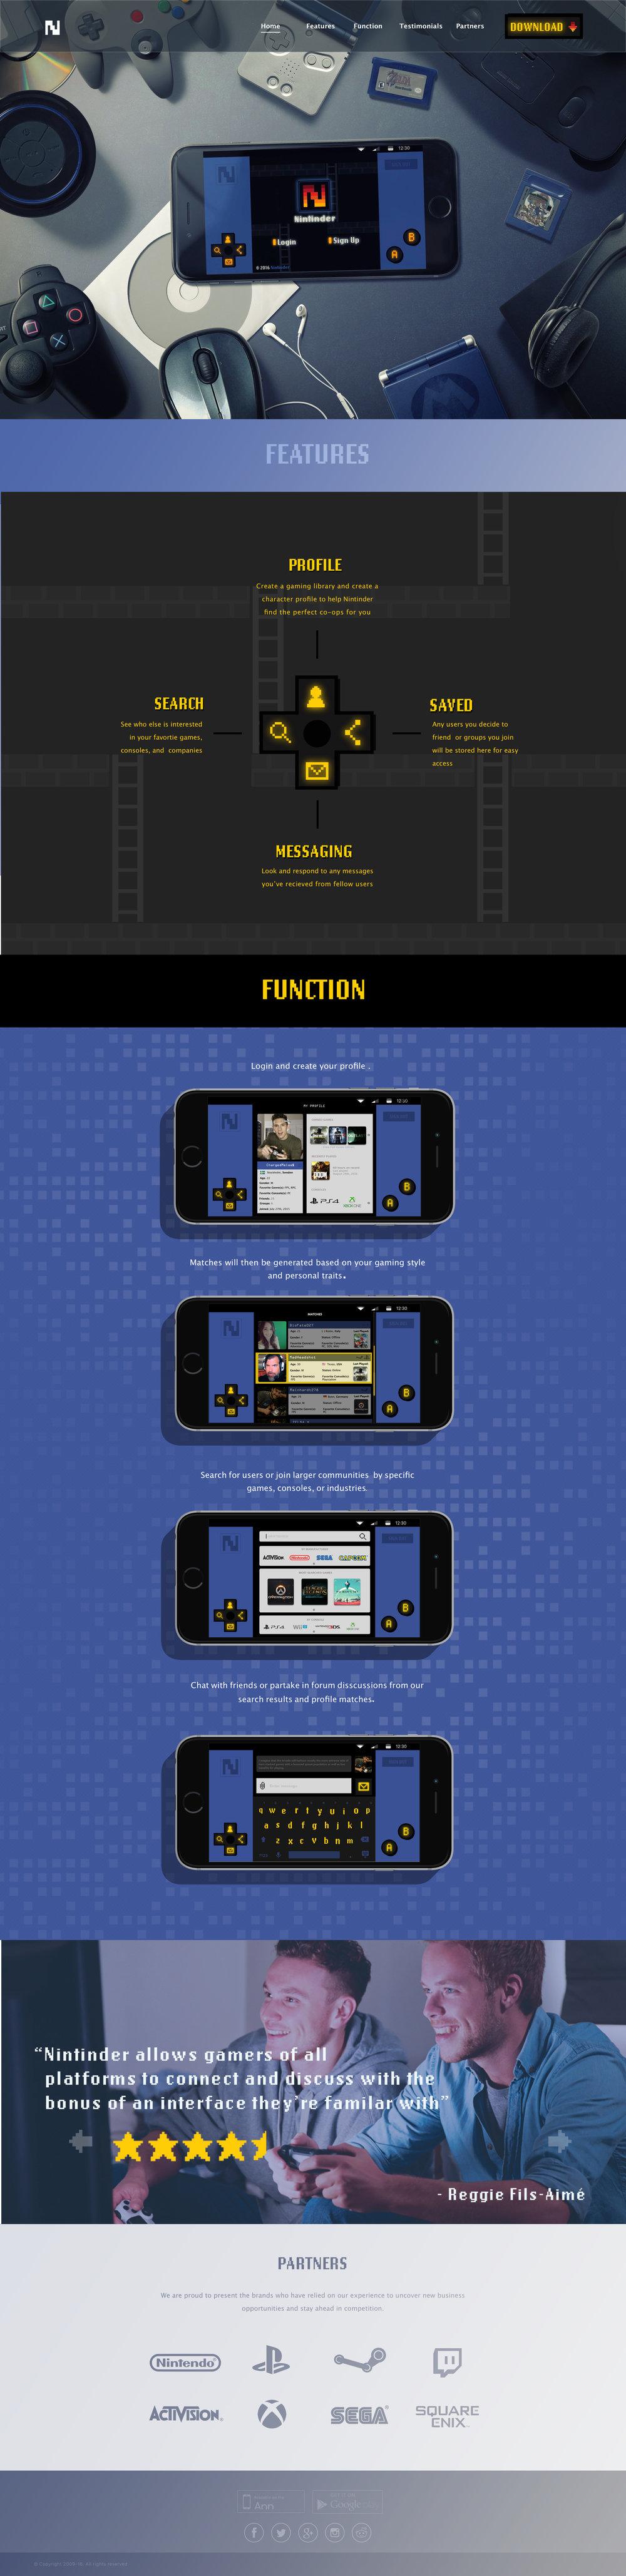 Nintinder website.jpg